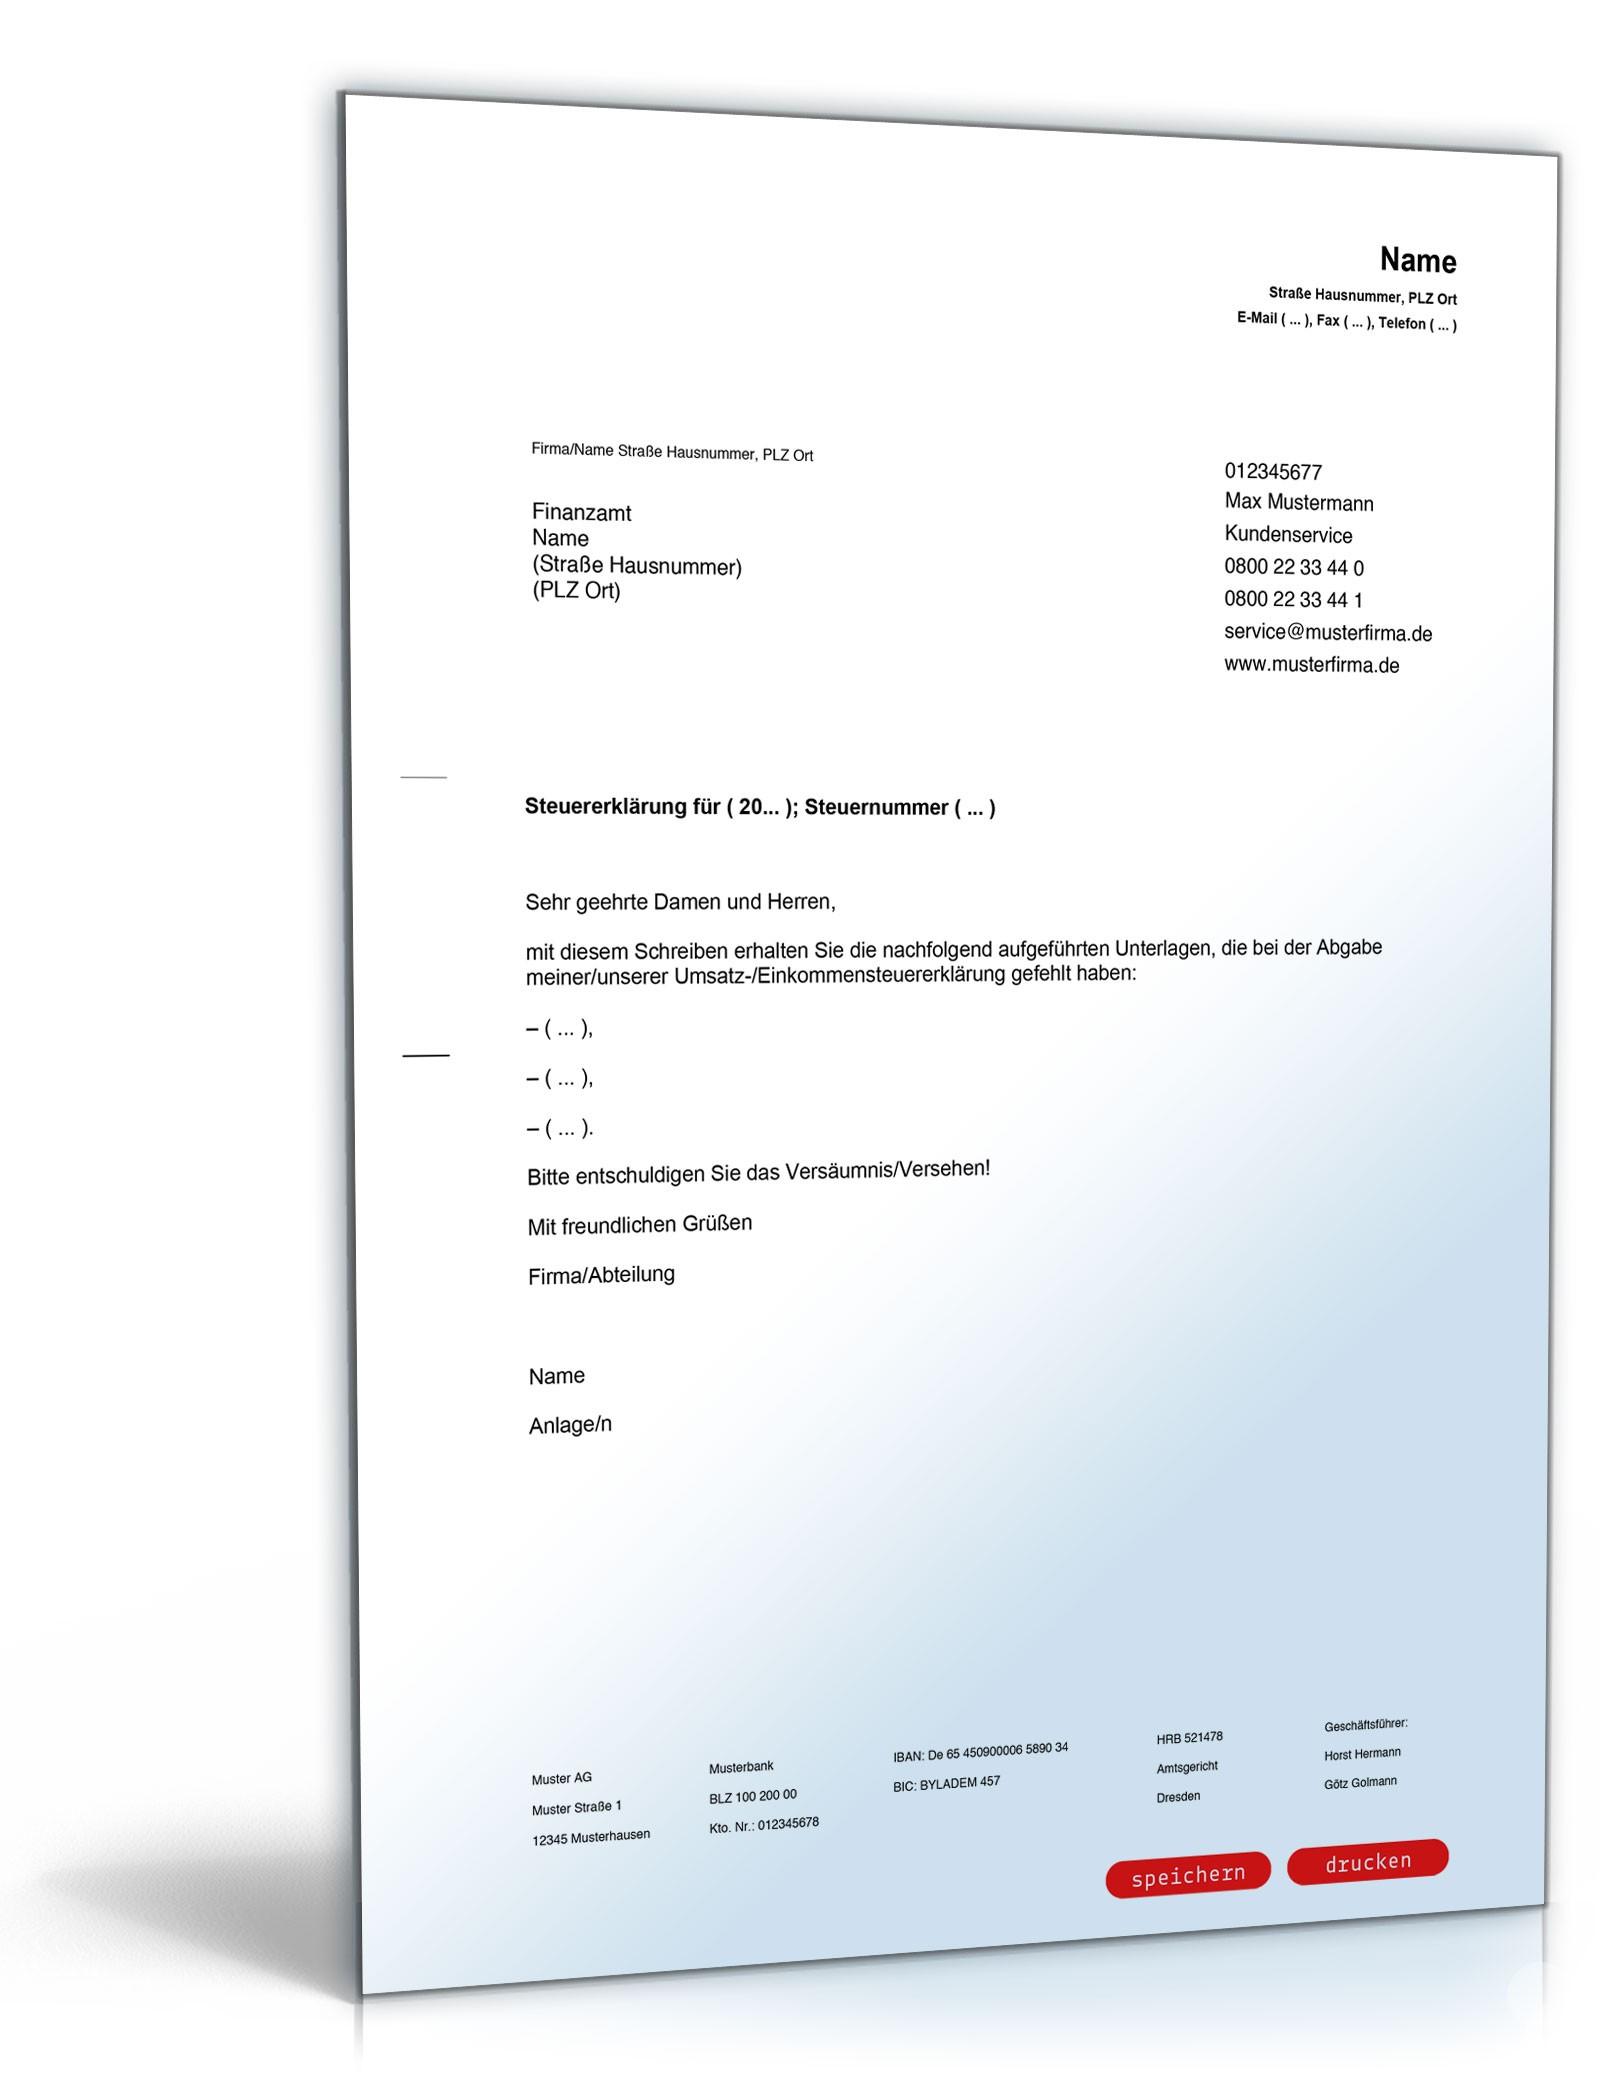 Begleitschreiben Zur Steuererklärung Vorlage Zum Download